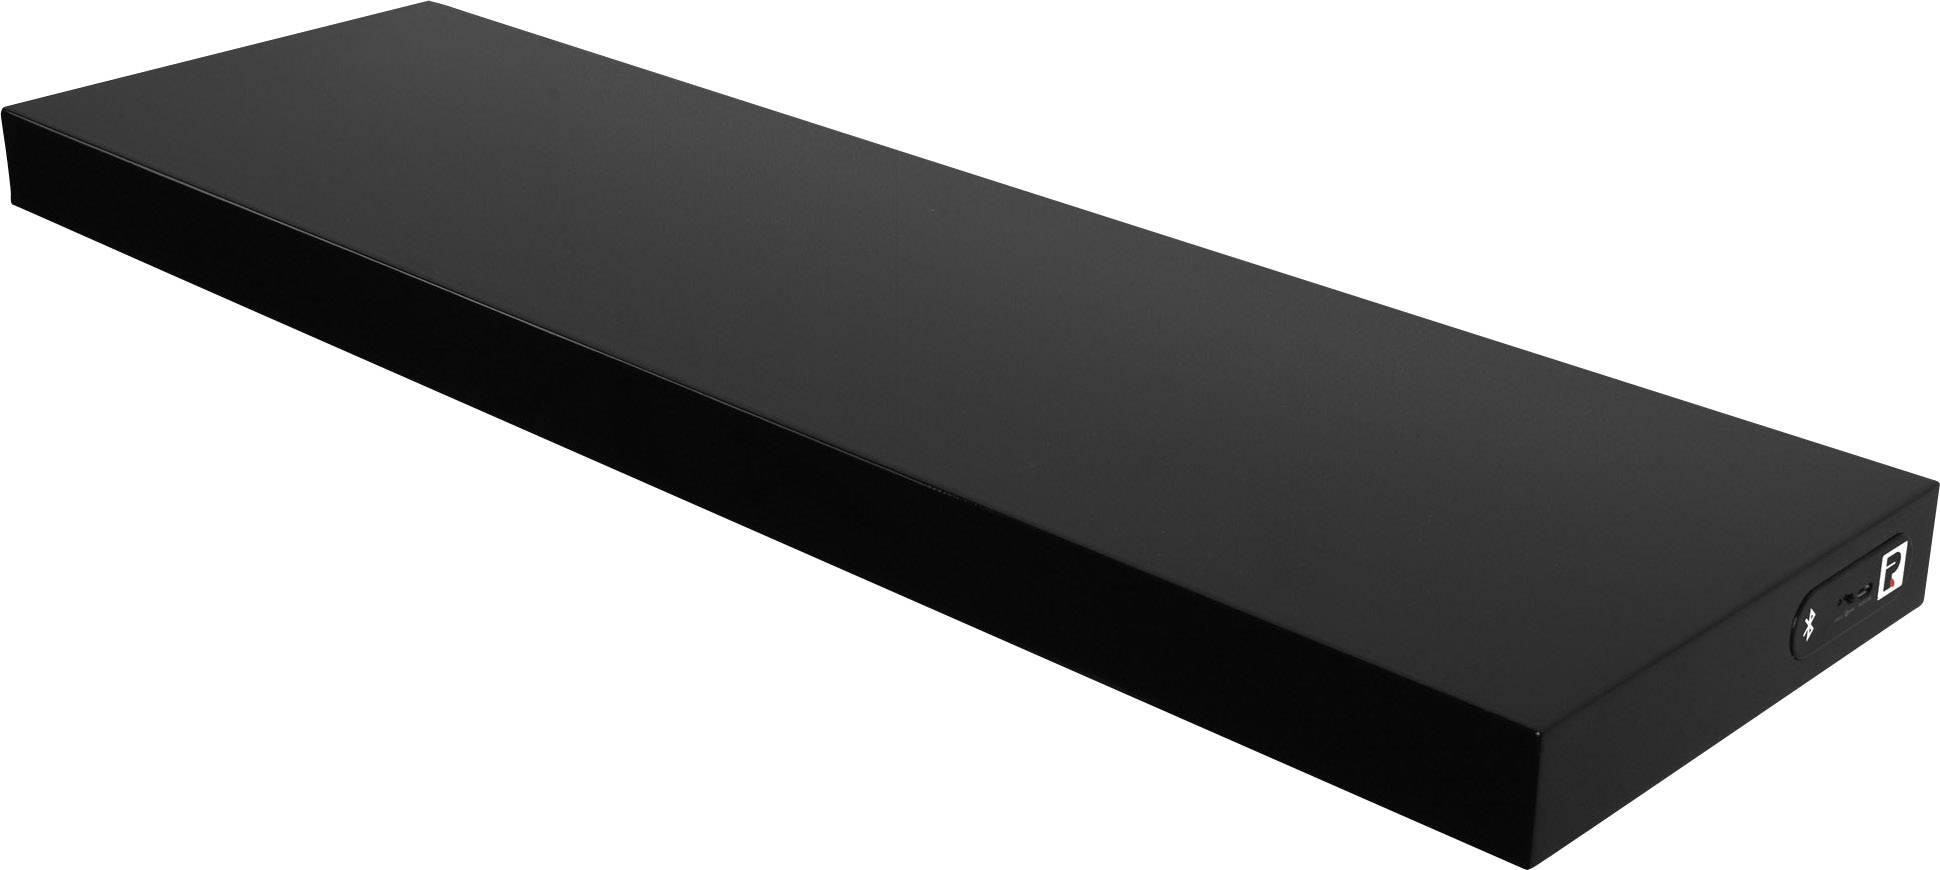 Bluetooth reproduktor jako police na zeď Duraline, černá